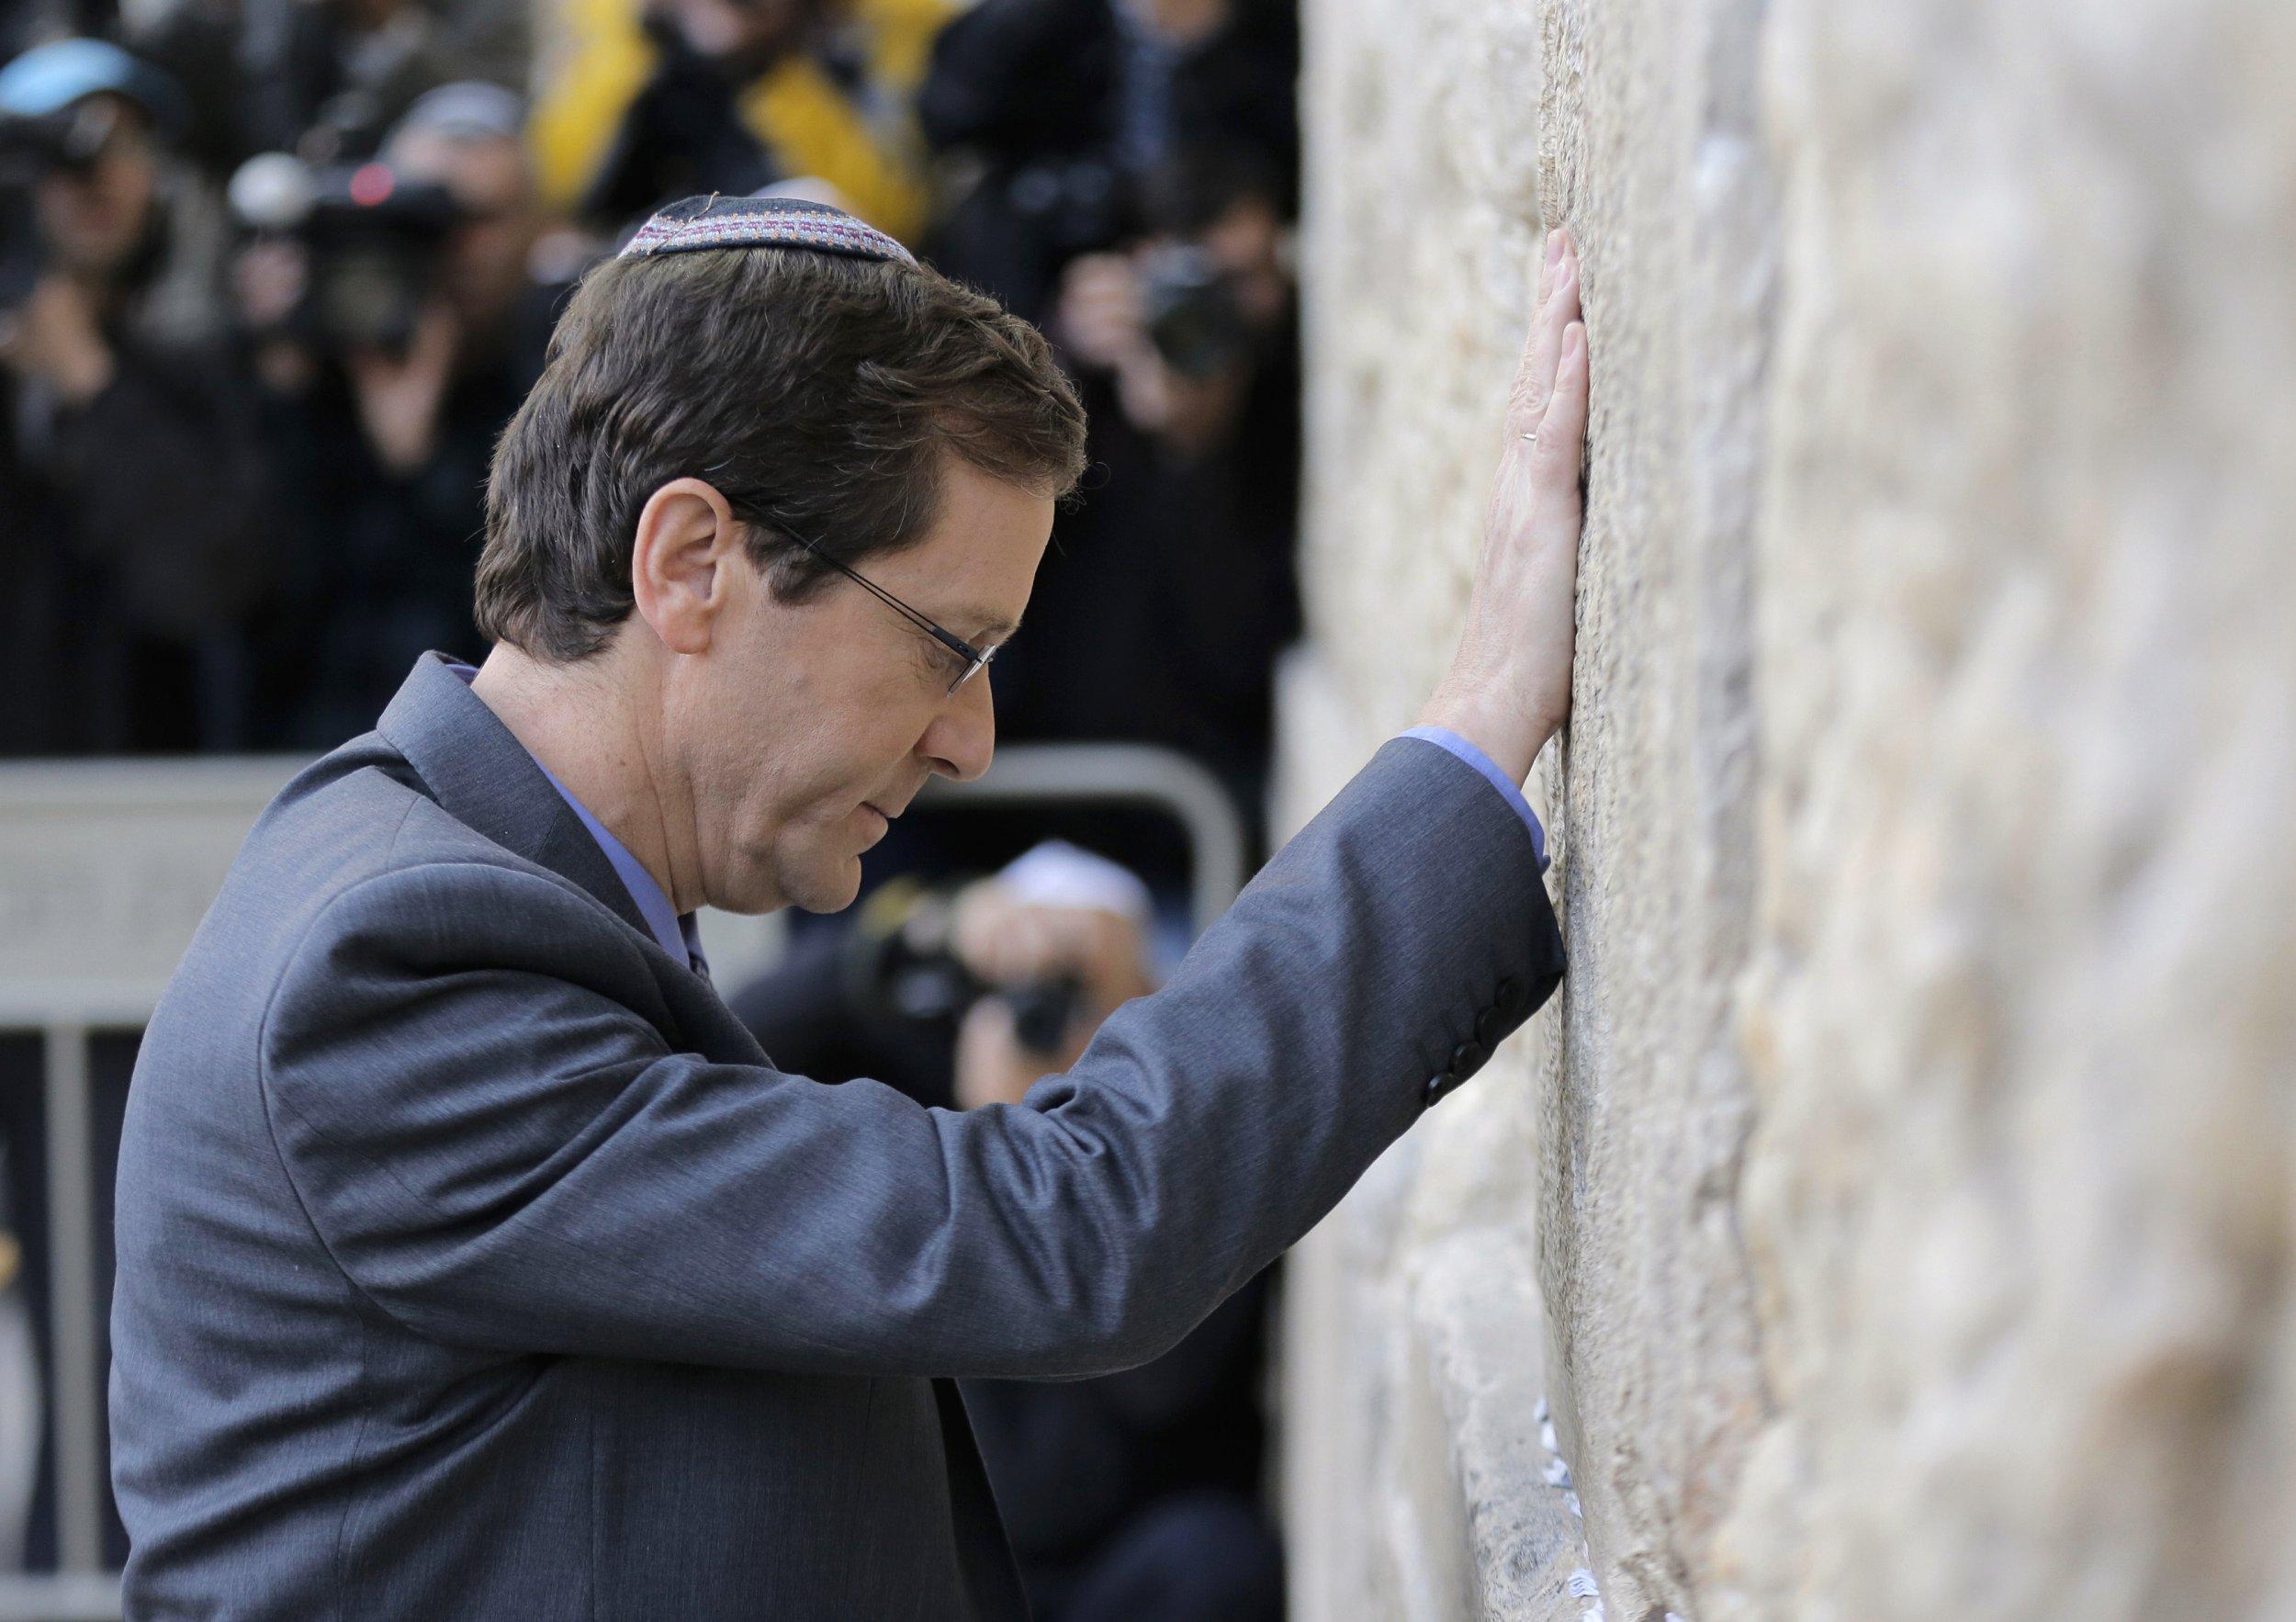 Israel Arabs Jews Middle East